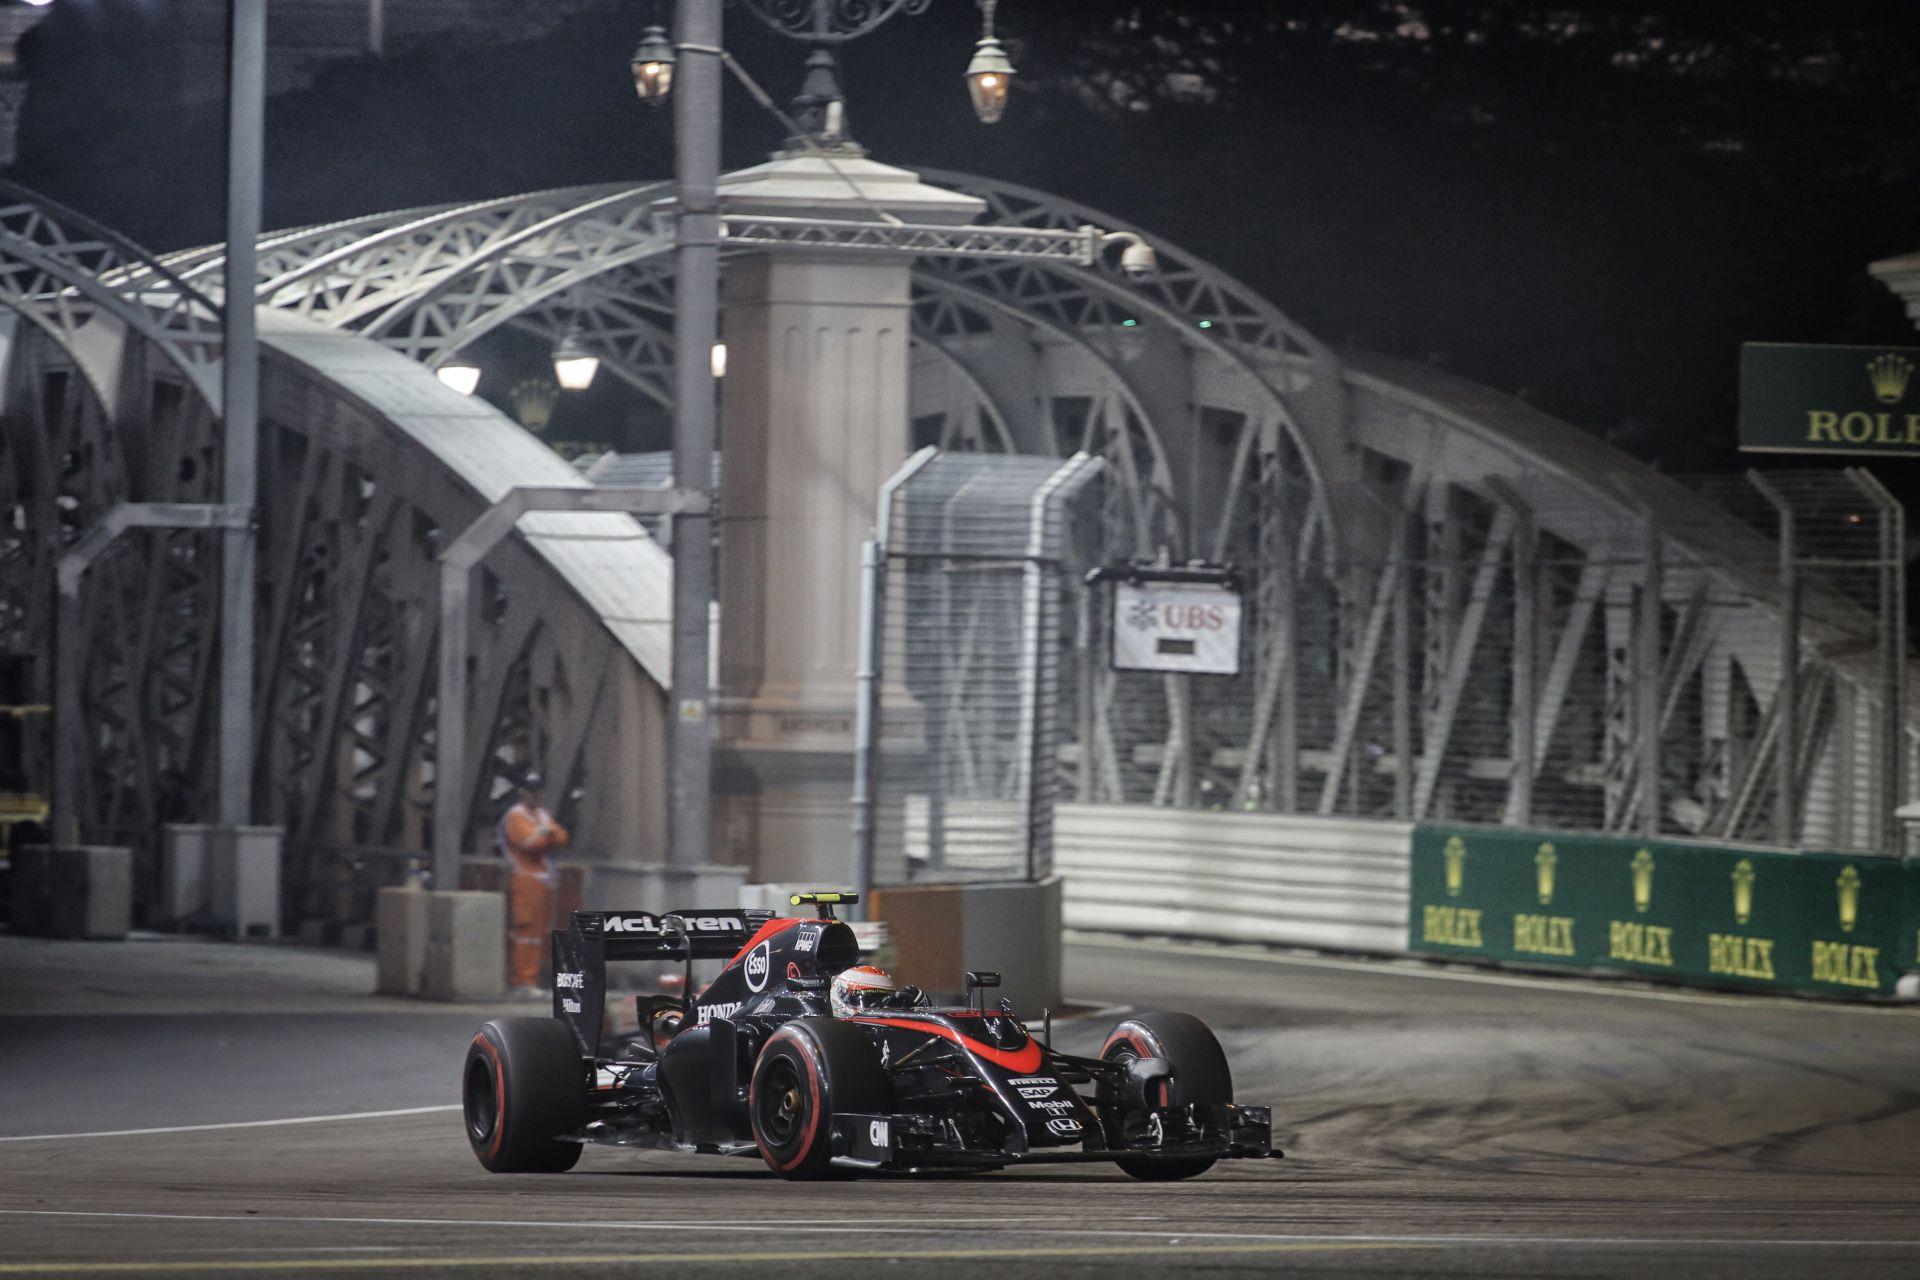 Körözgetés Butonnal és a McLaren-Hondával Szingapúrban: kicsit szenvedős